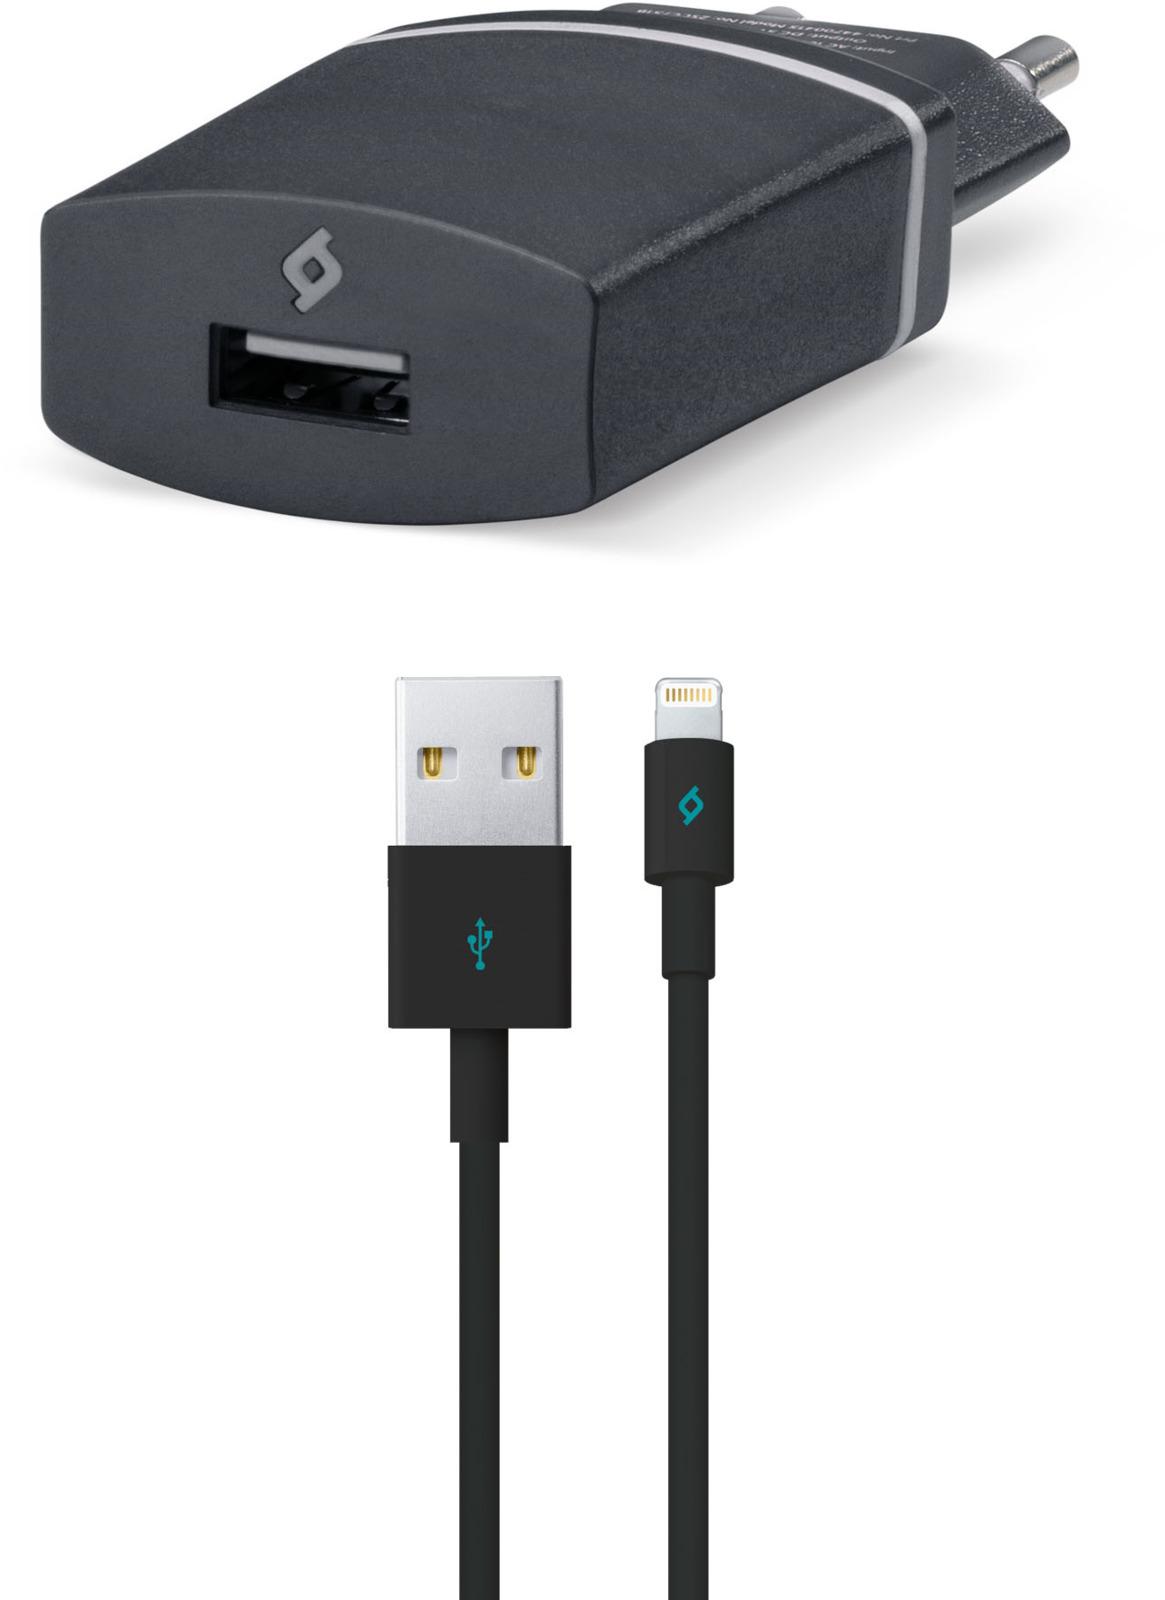 Сетевое зарядное устройство TTEC Compact USB-Lightning, 1A, цвет: черный сетевое зарядное устройство prime line 1a с кабелем micro usb черный